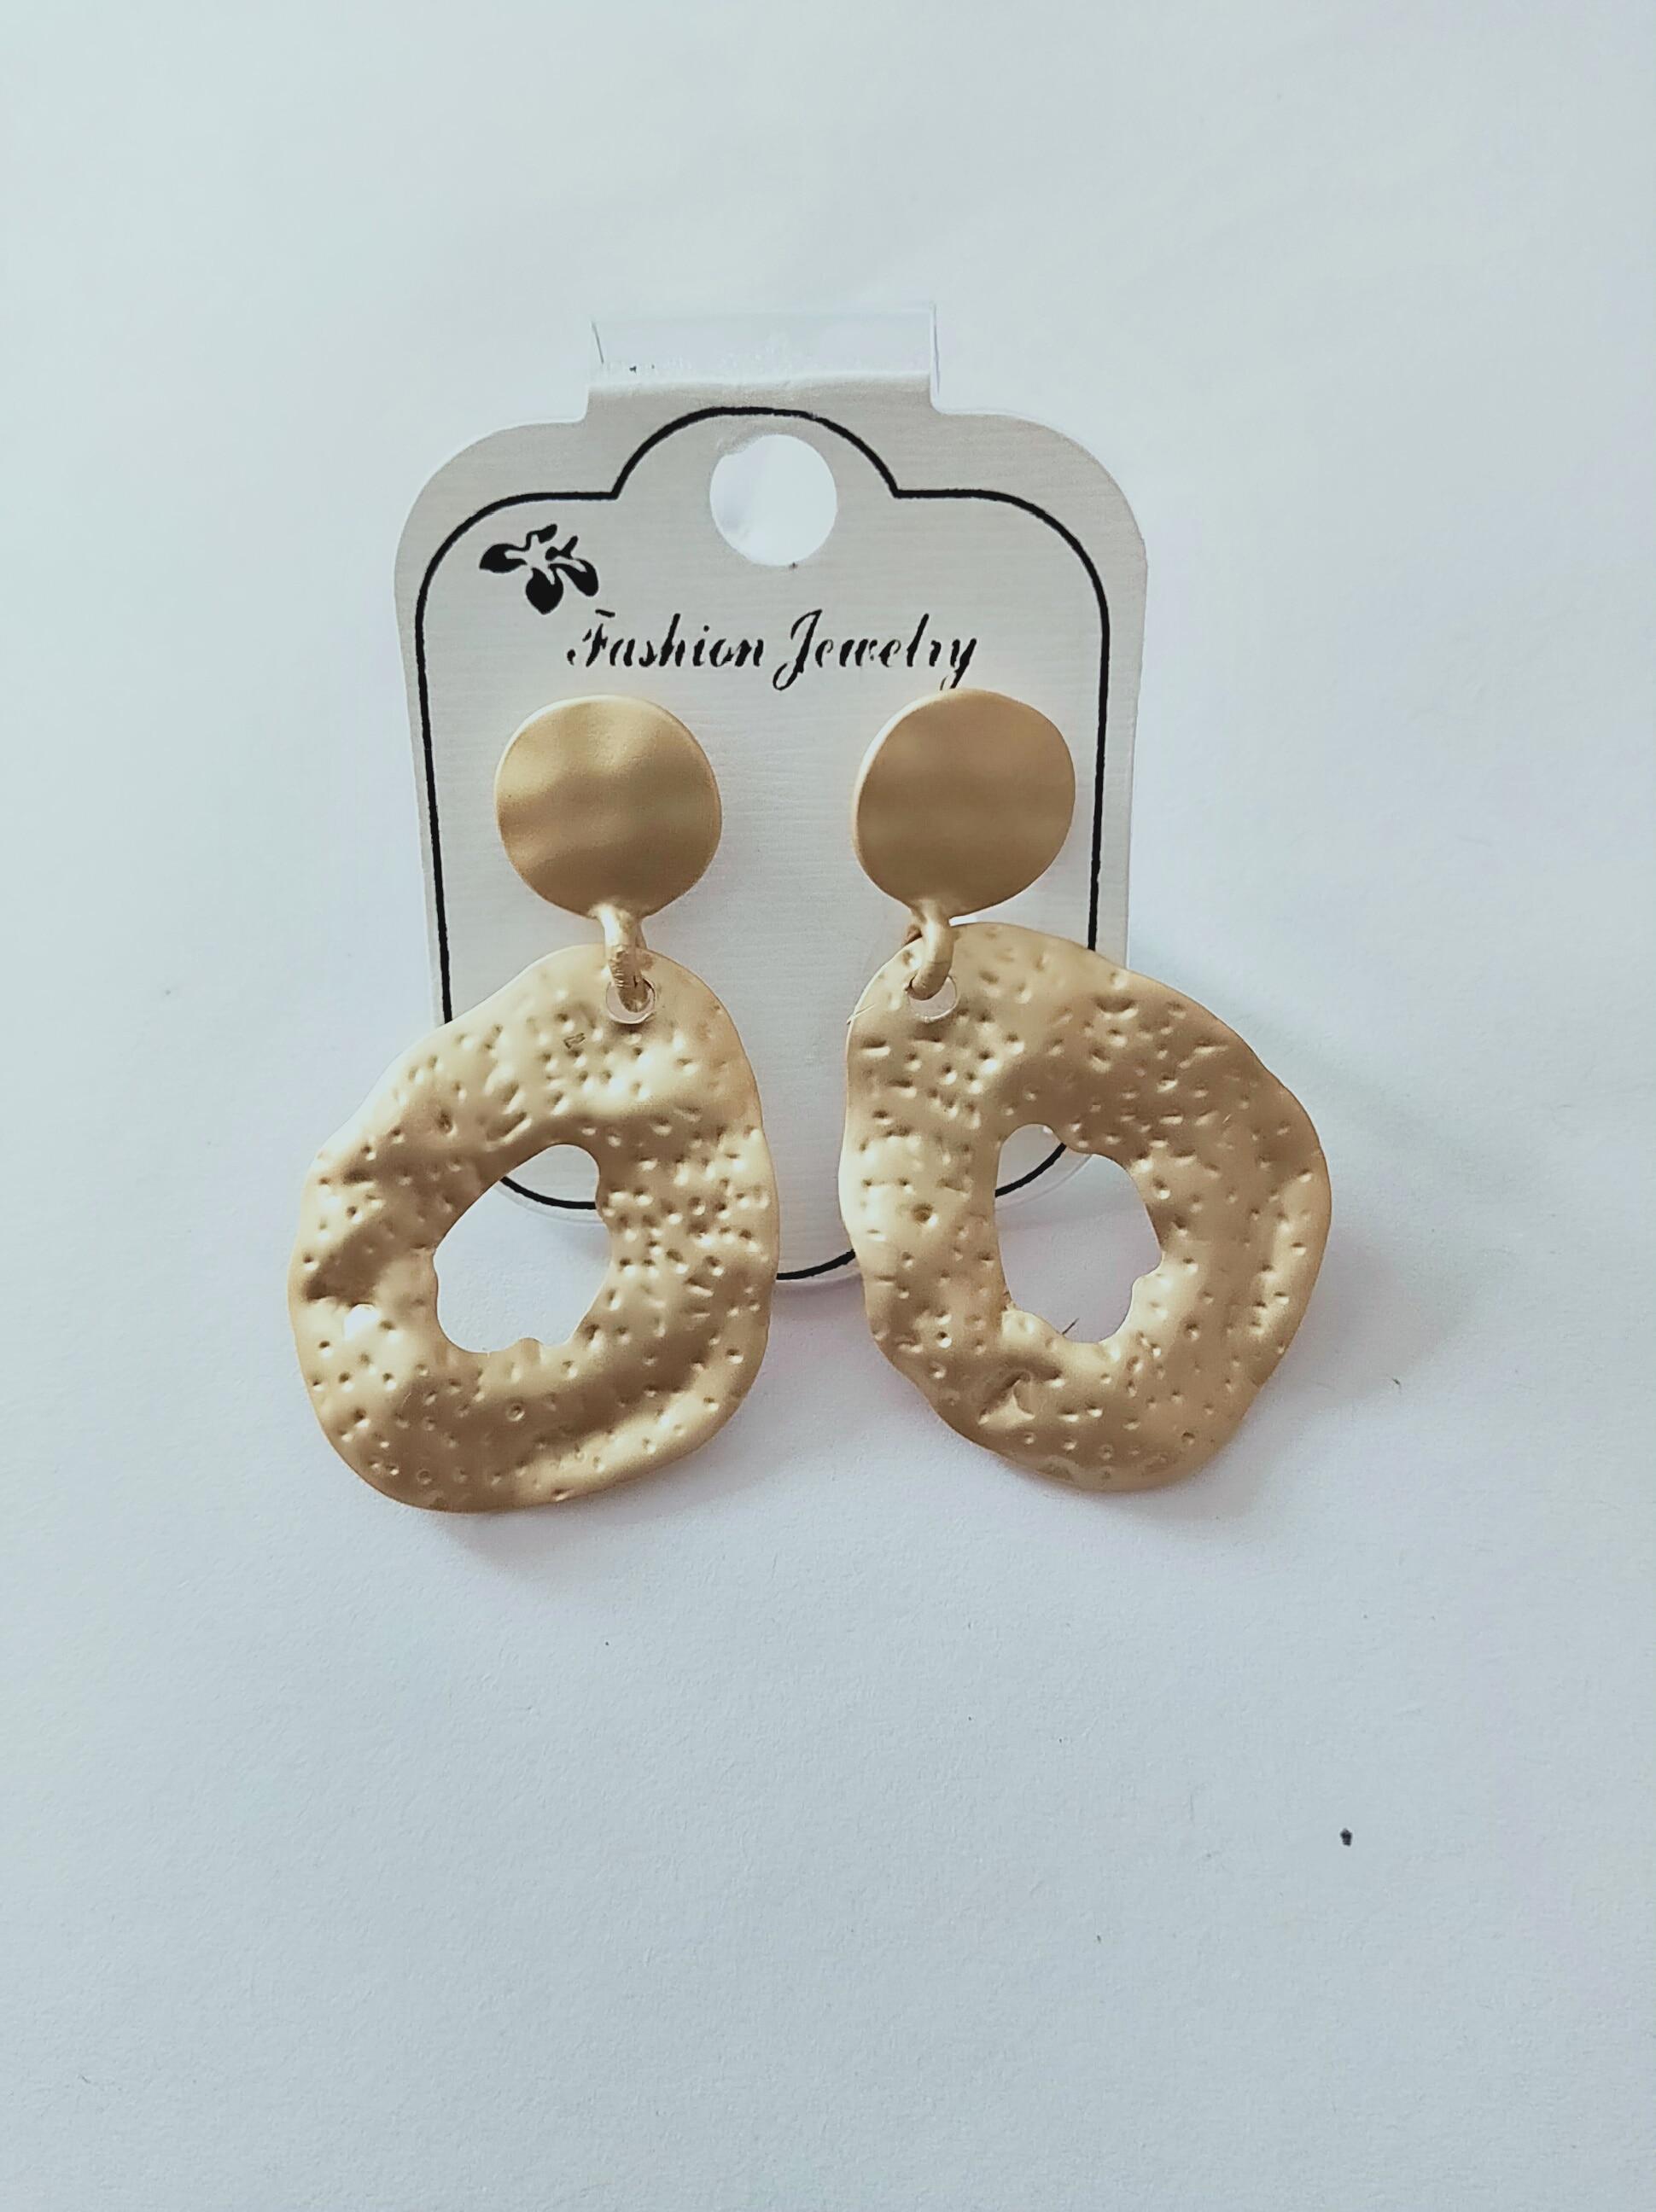 Дизайн модные Висячие Серьги Геометрические круглые блестящие стразы серьги женские ювелирные изделия - Окраска металла: ER102